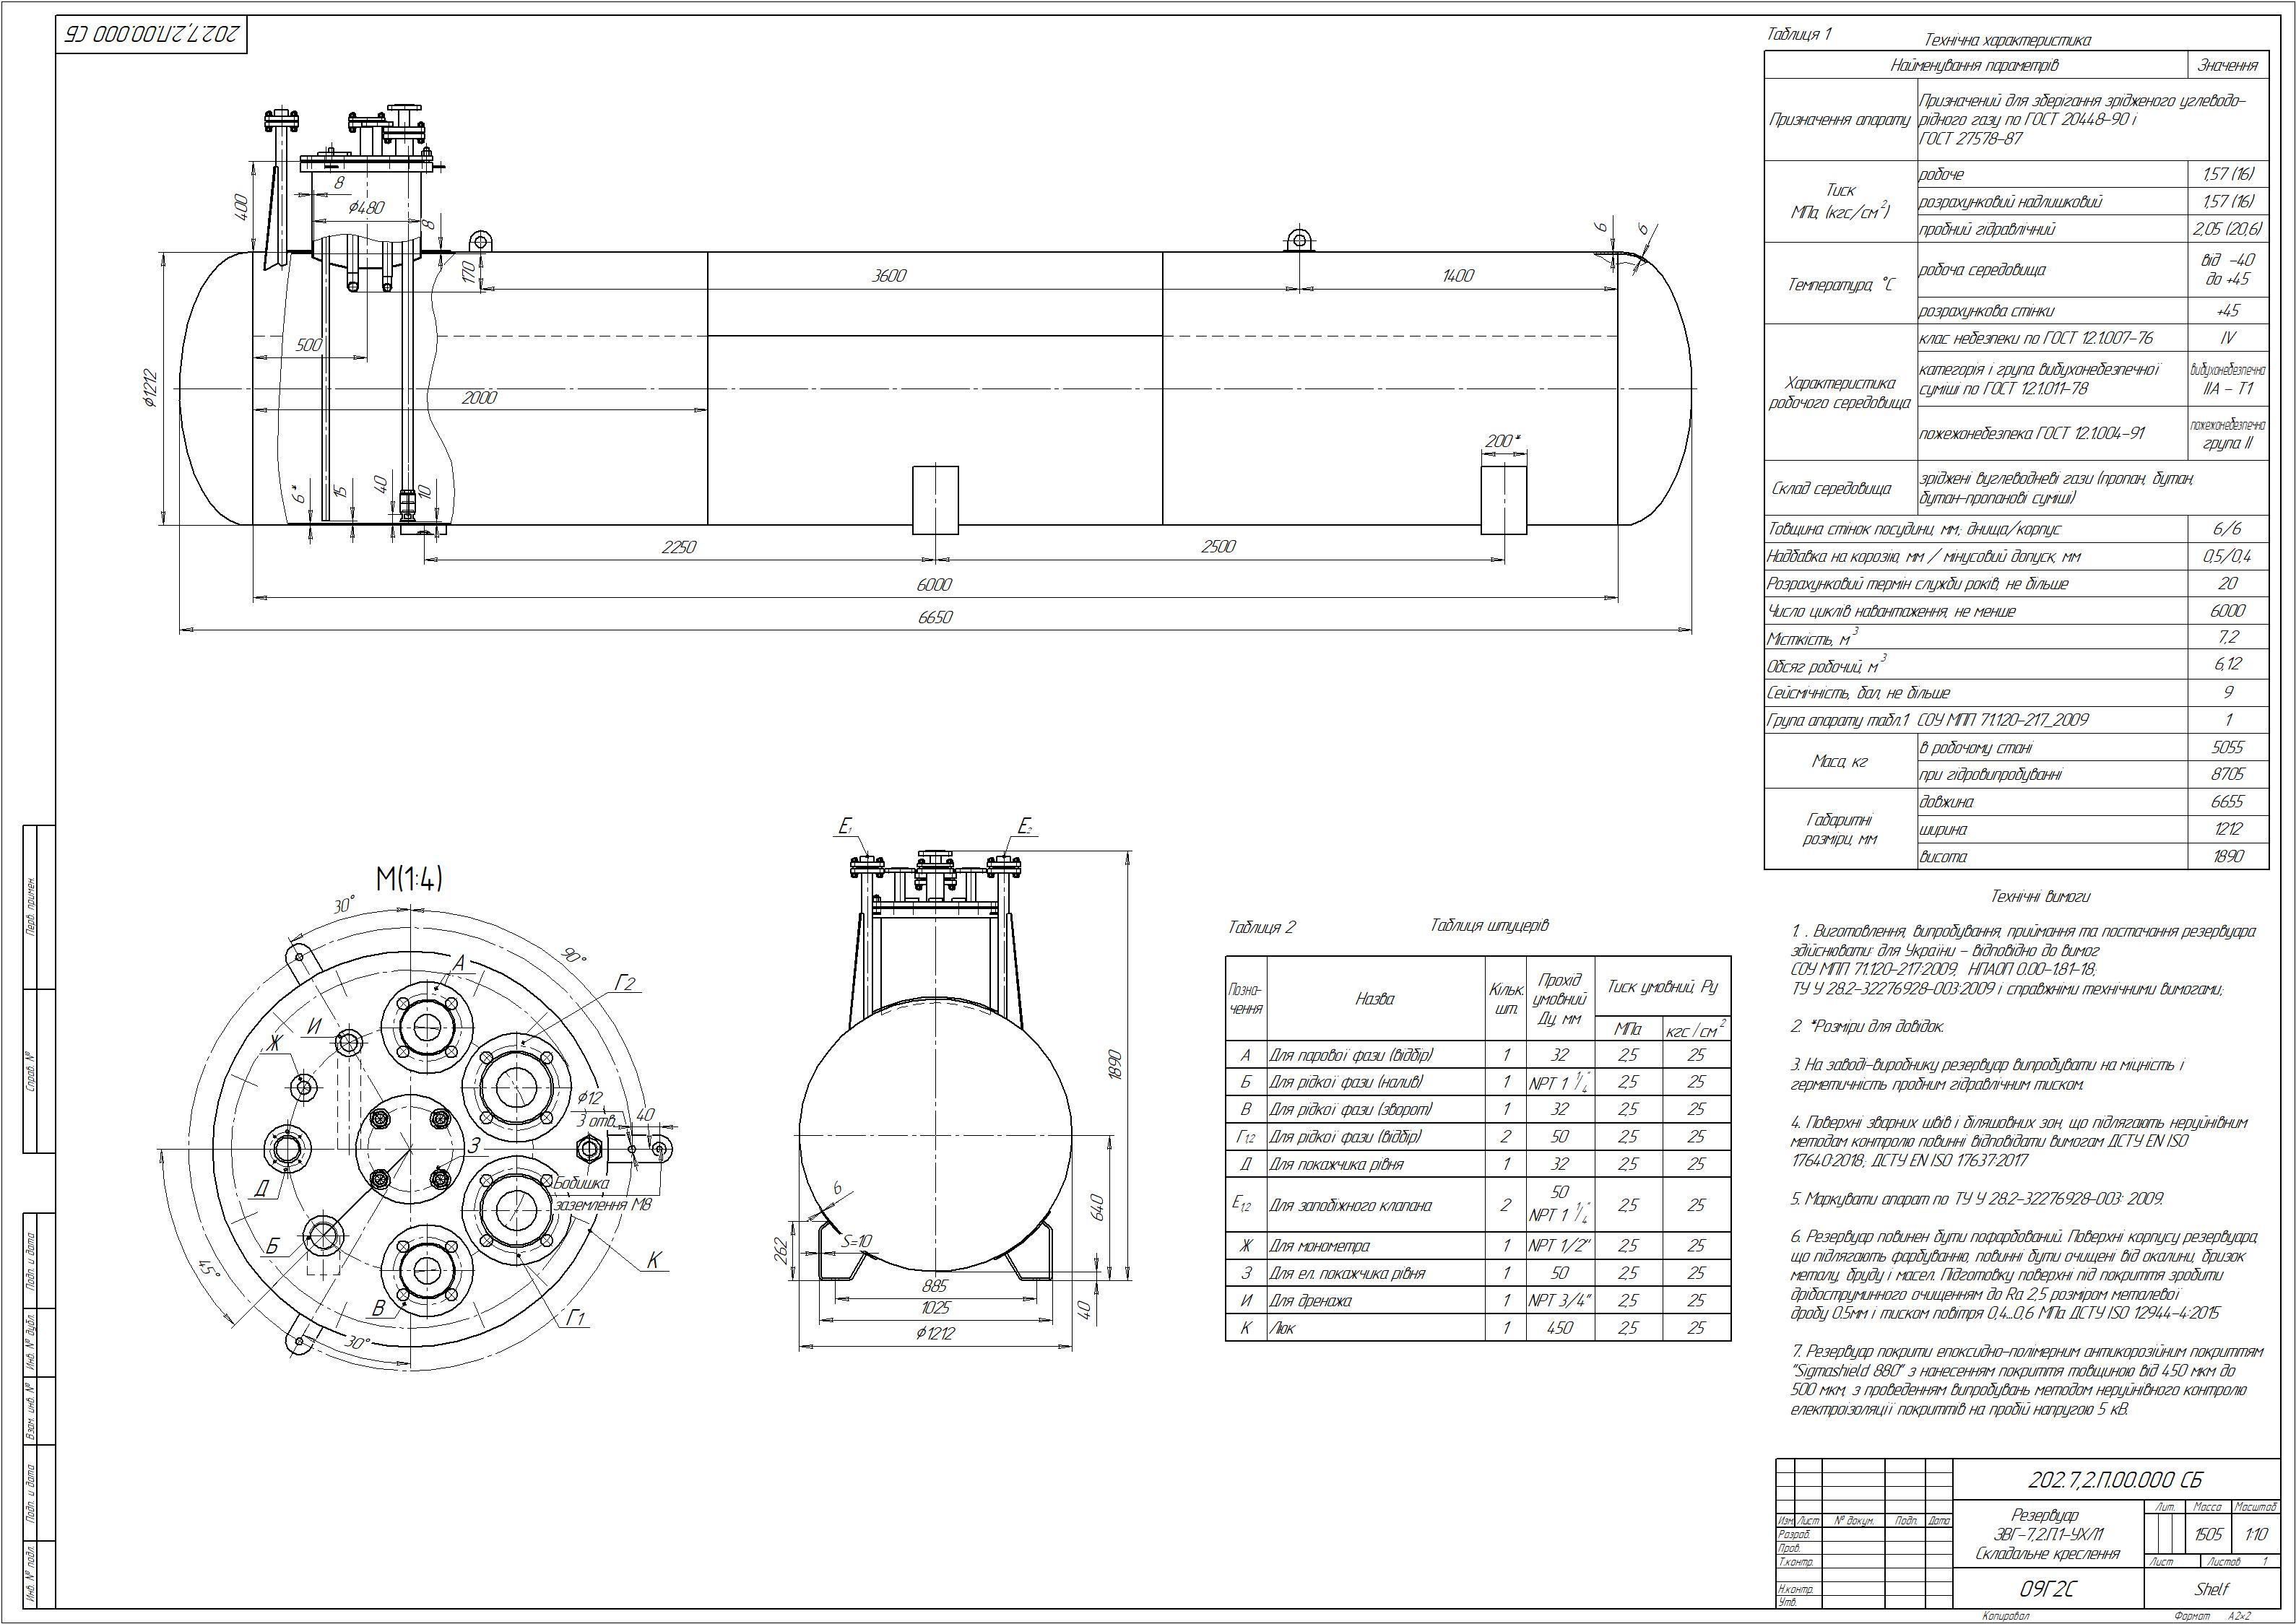 Схема резервуару підземного №4